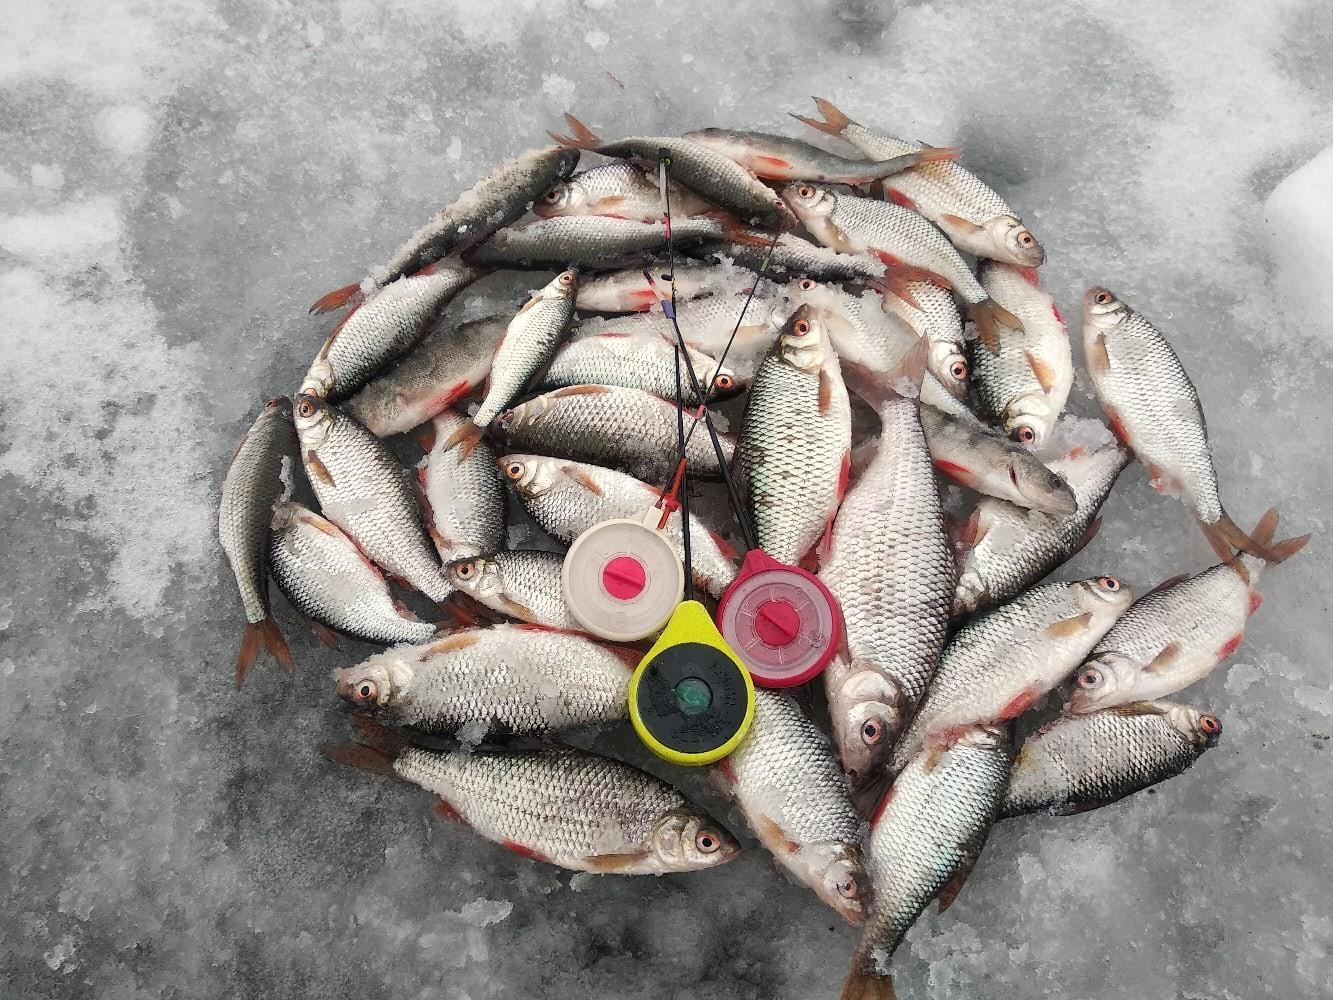 Вот такая выдалась рождественская рыбалочка. Решил далеко не ...   Отчеты о рыбалке в Беларуси